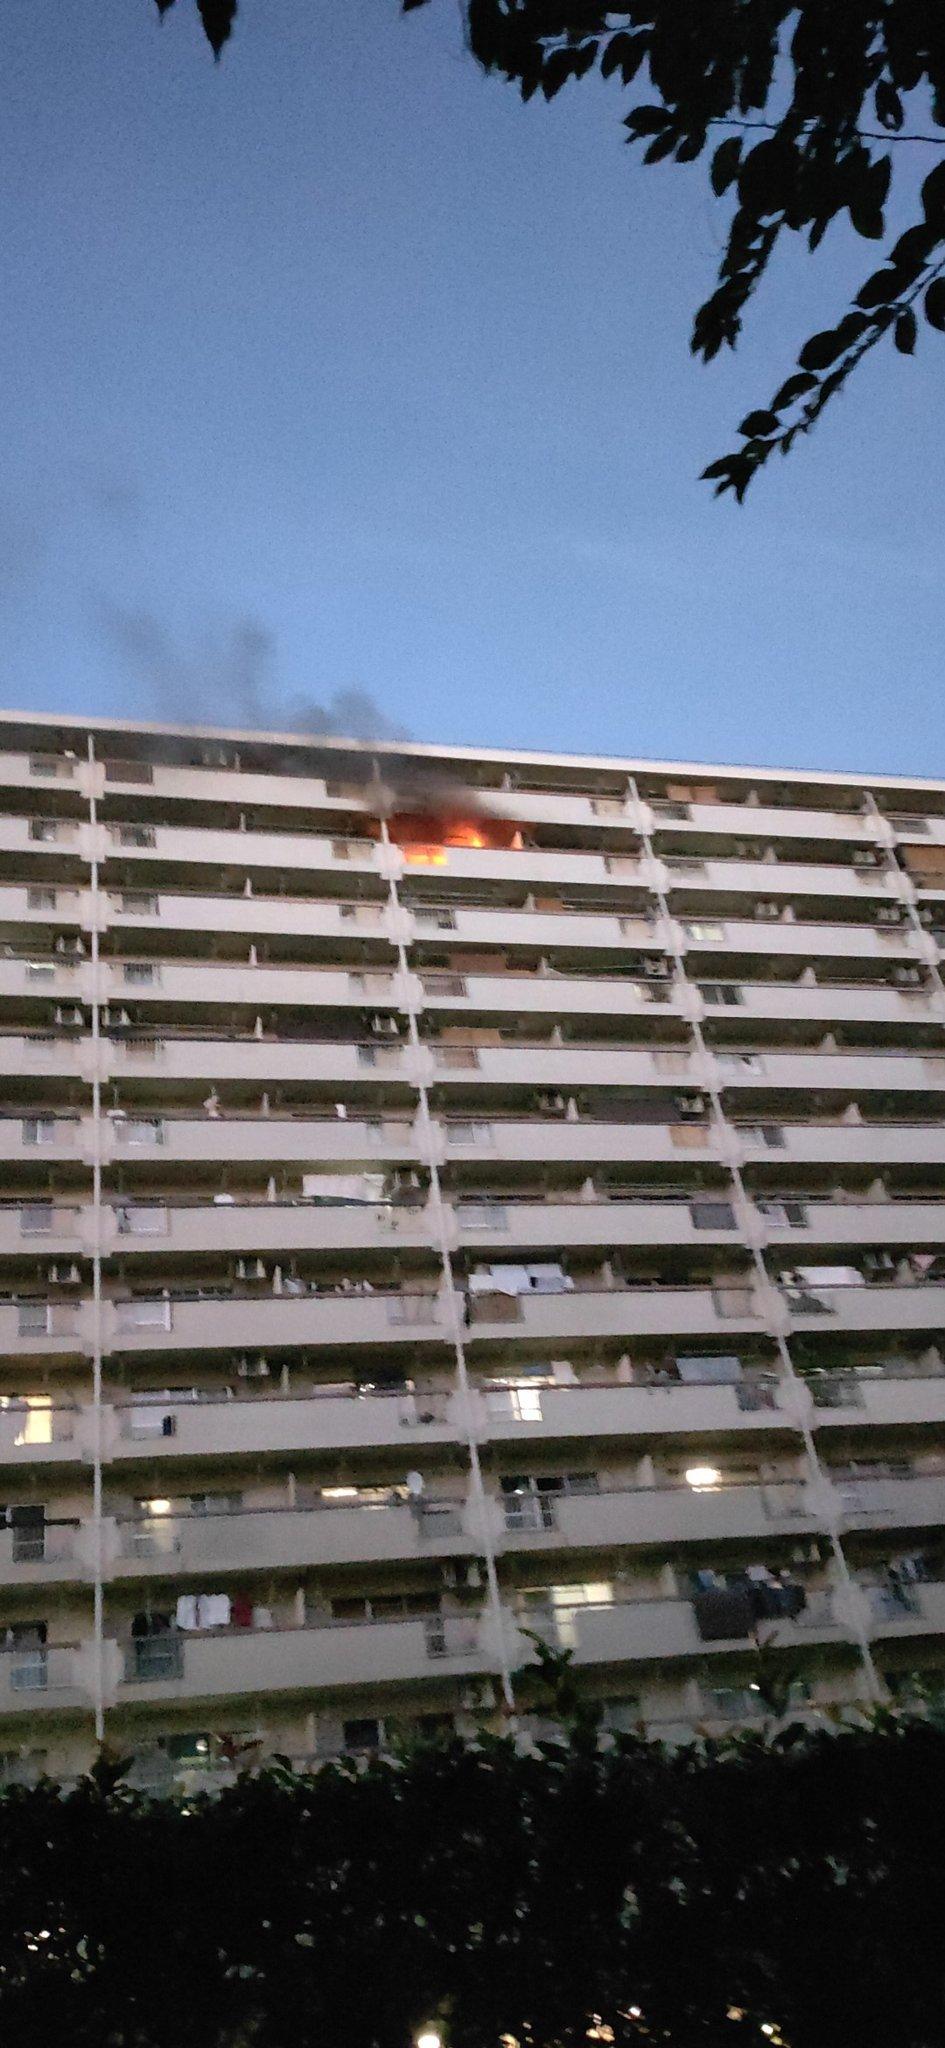 板橋区高島平の団地火災の現場画像